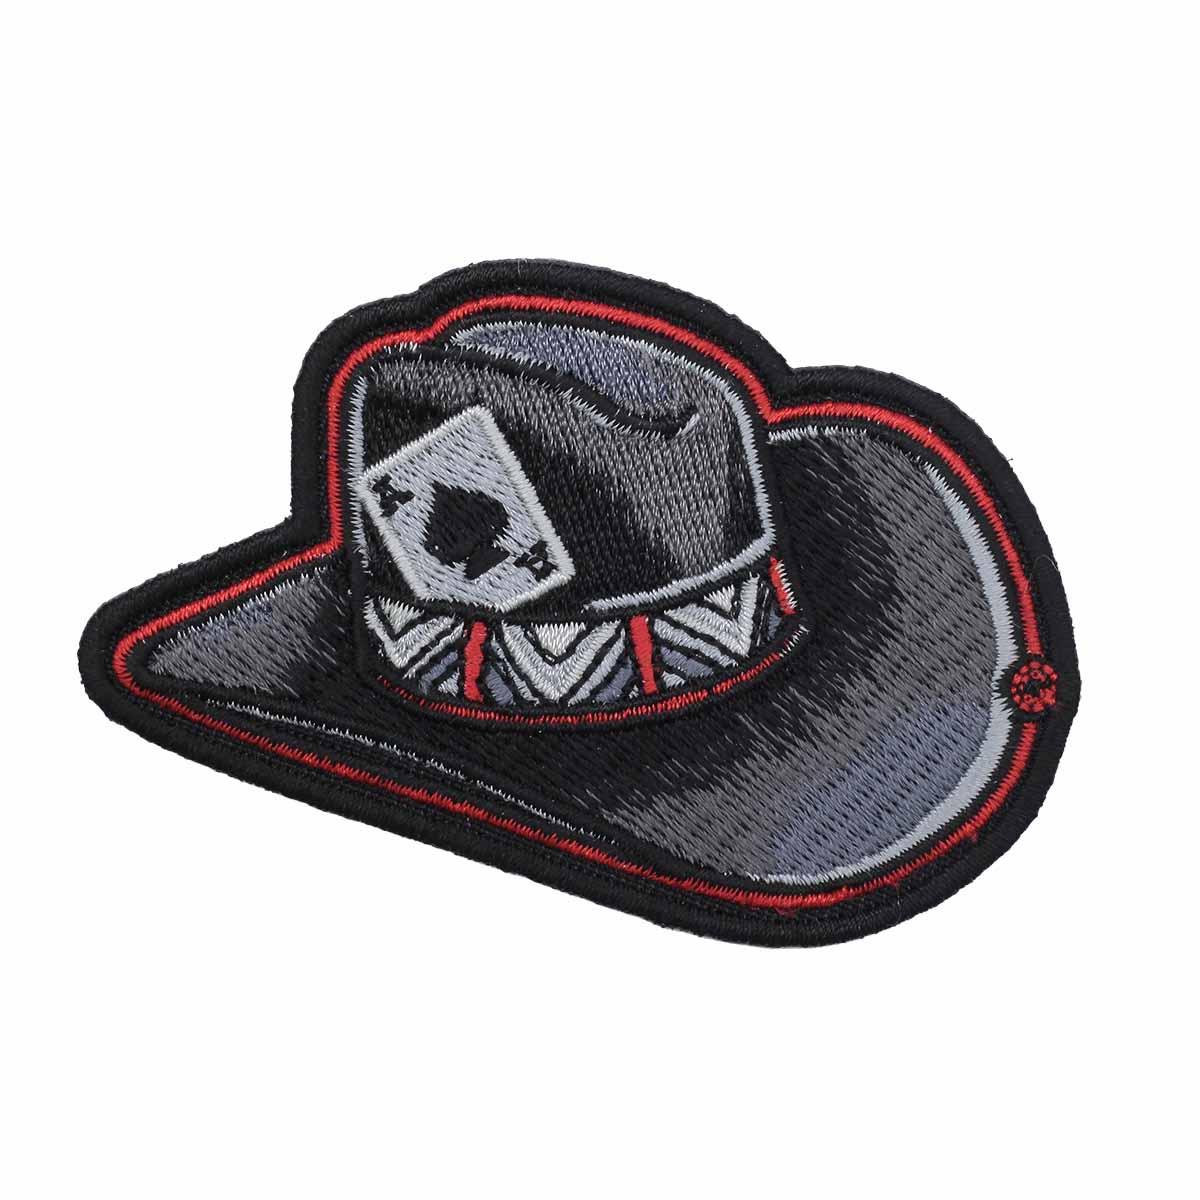 Термоаппликация 'Шляпа' 5,5*8,5см Hobby&Pro